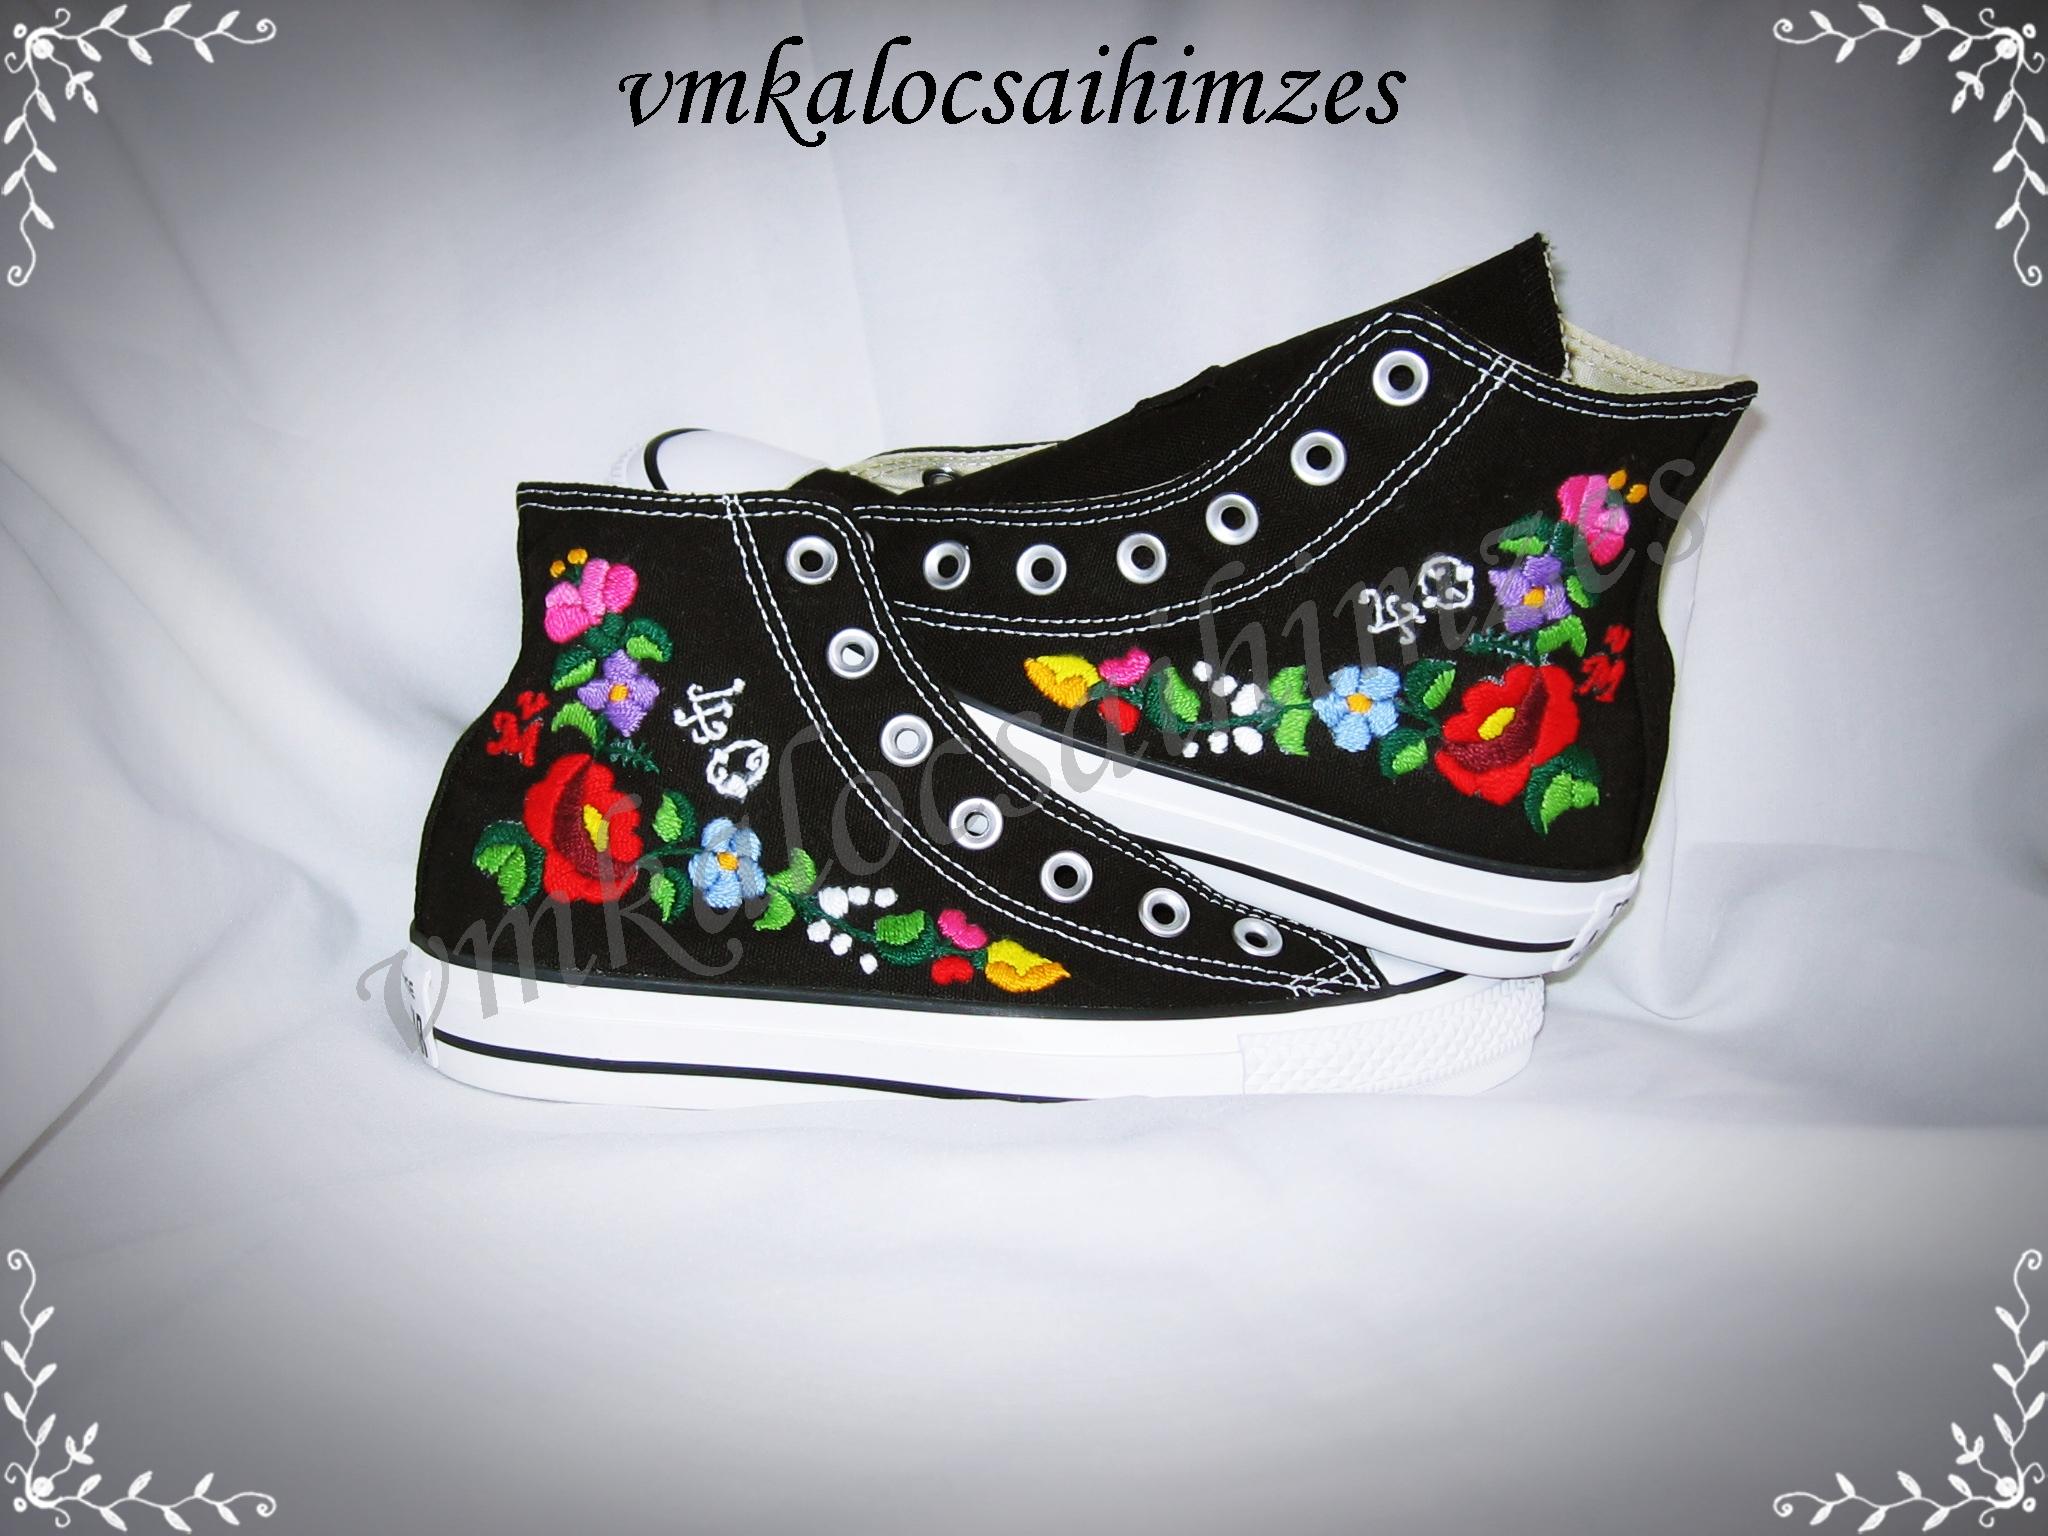 3ceb0b6579 Cipők | VM kalocsai hímzés